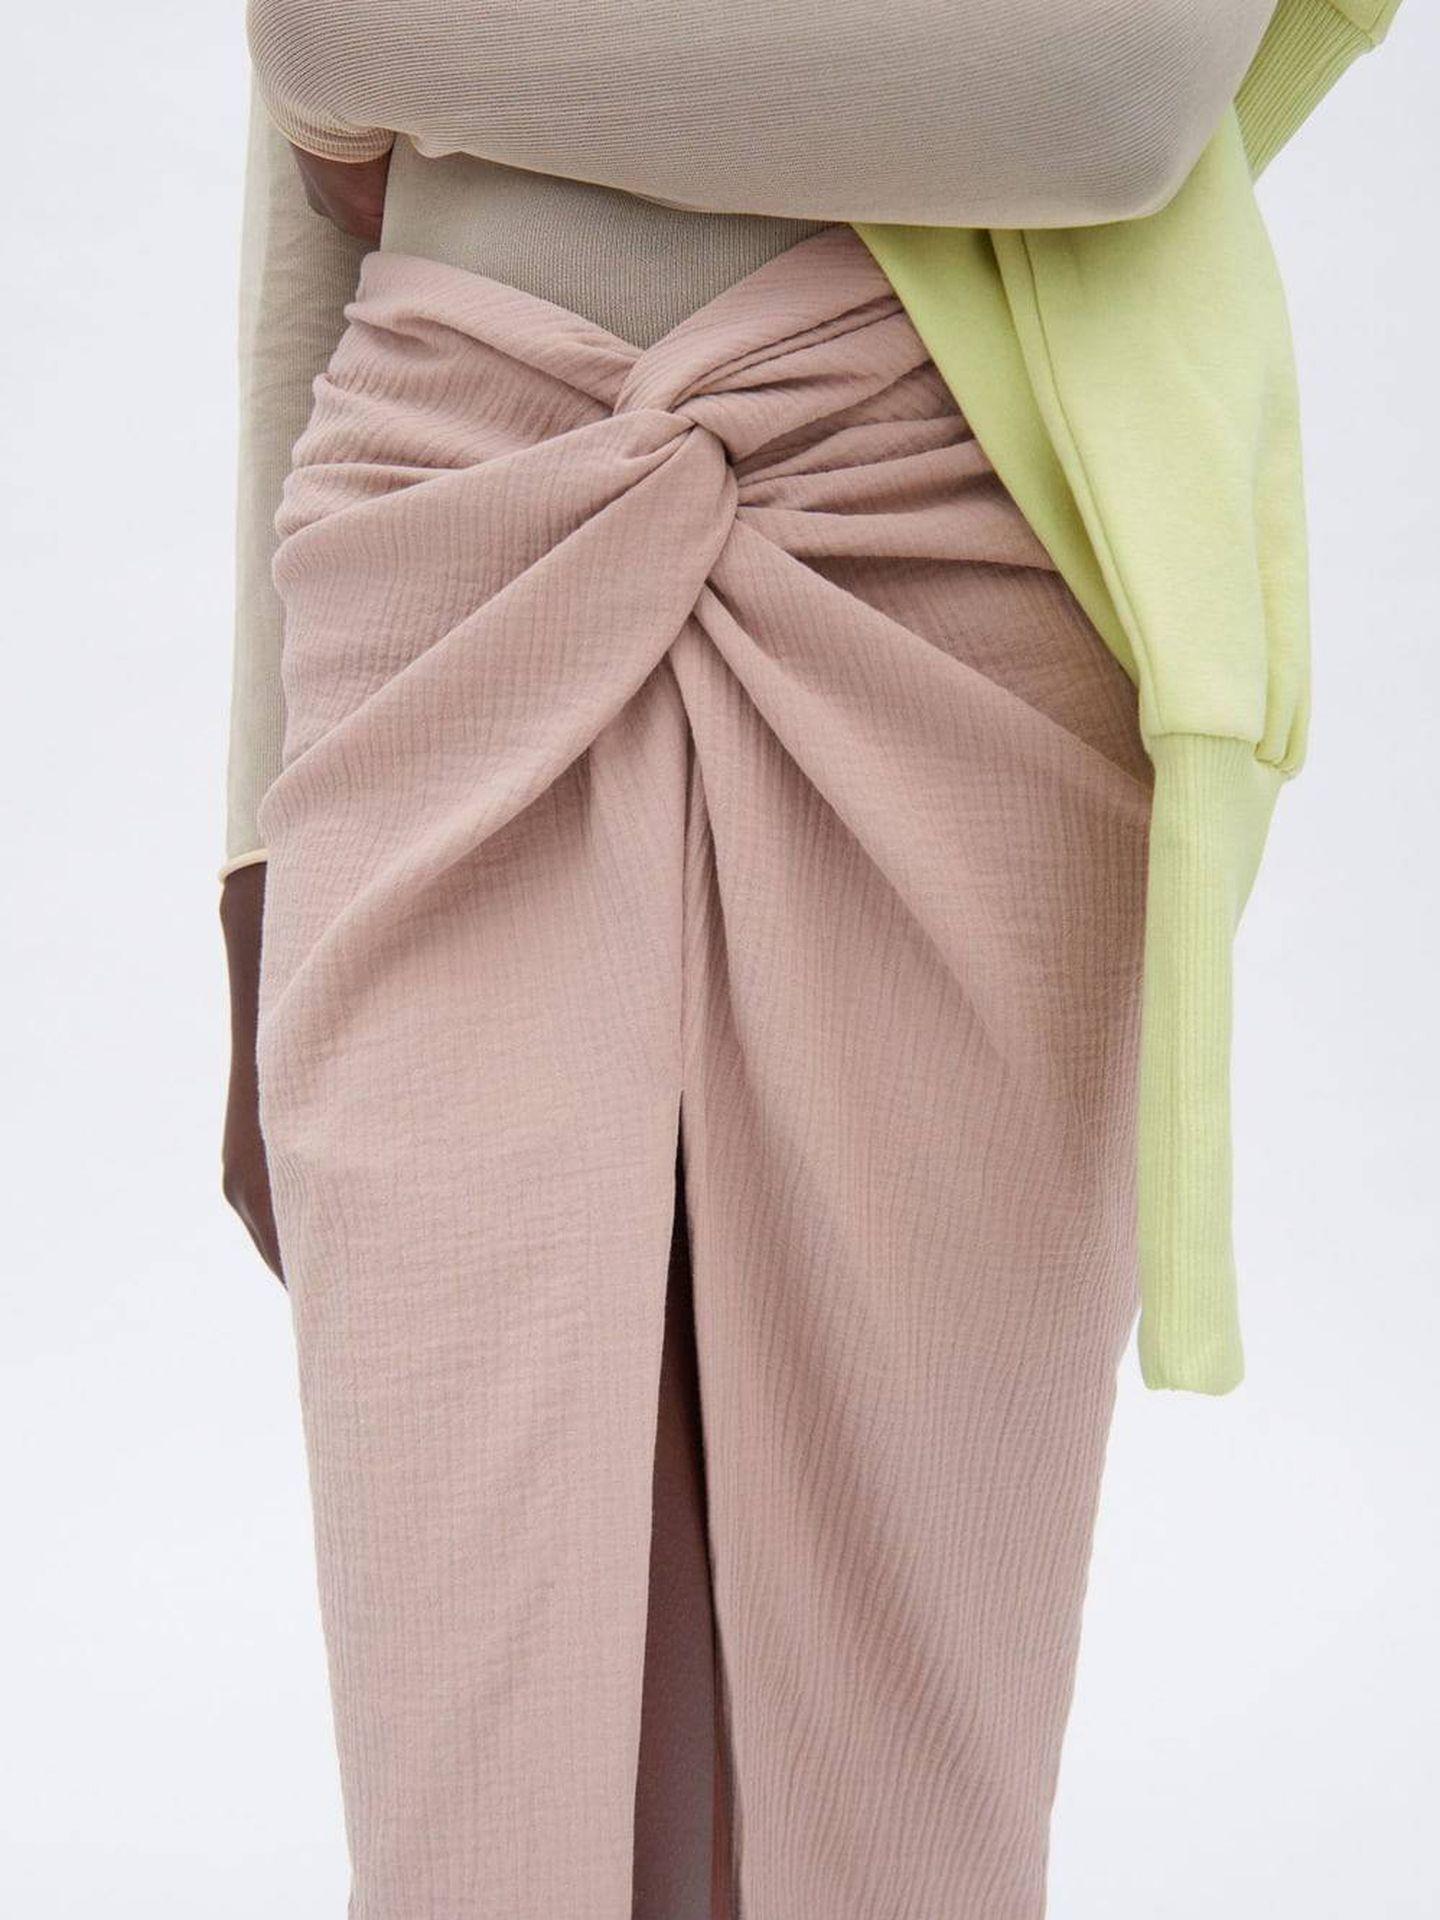 Falda nudo de Zara. (Cortesía)